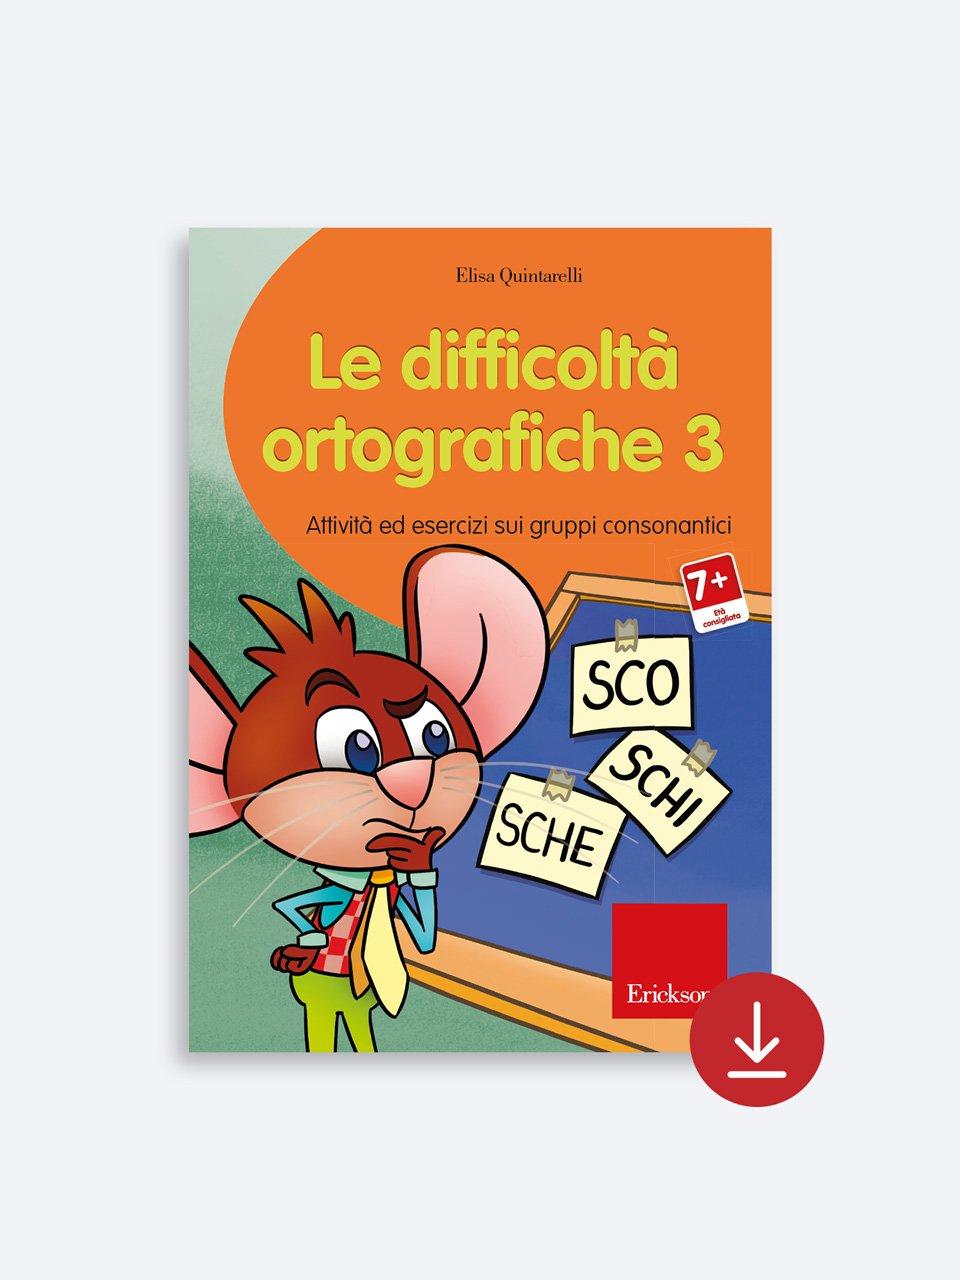 Le difficoltà ortografiche - Volume 3 - Schede per Tablotto (6-8 anni) - Grammatica incant - Giochi - Erickson